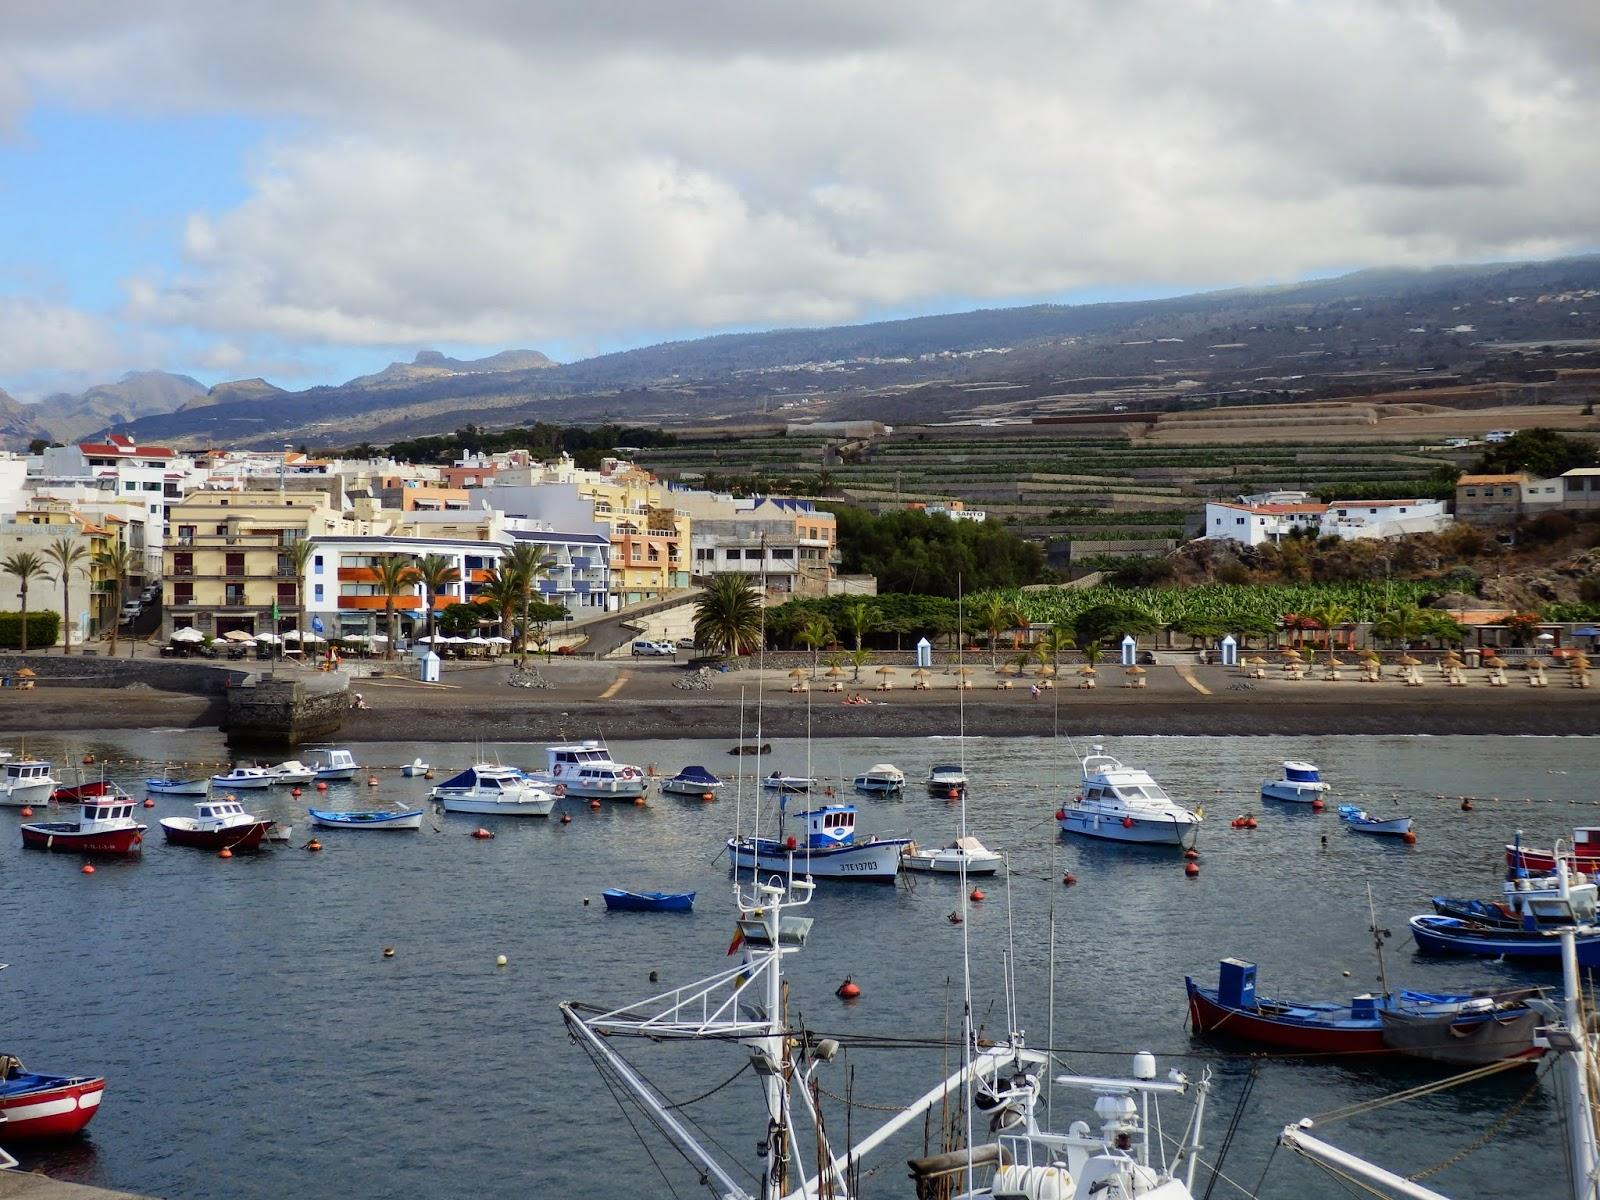 San Juan harbour, Tenerife